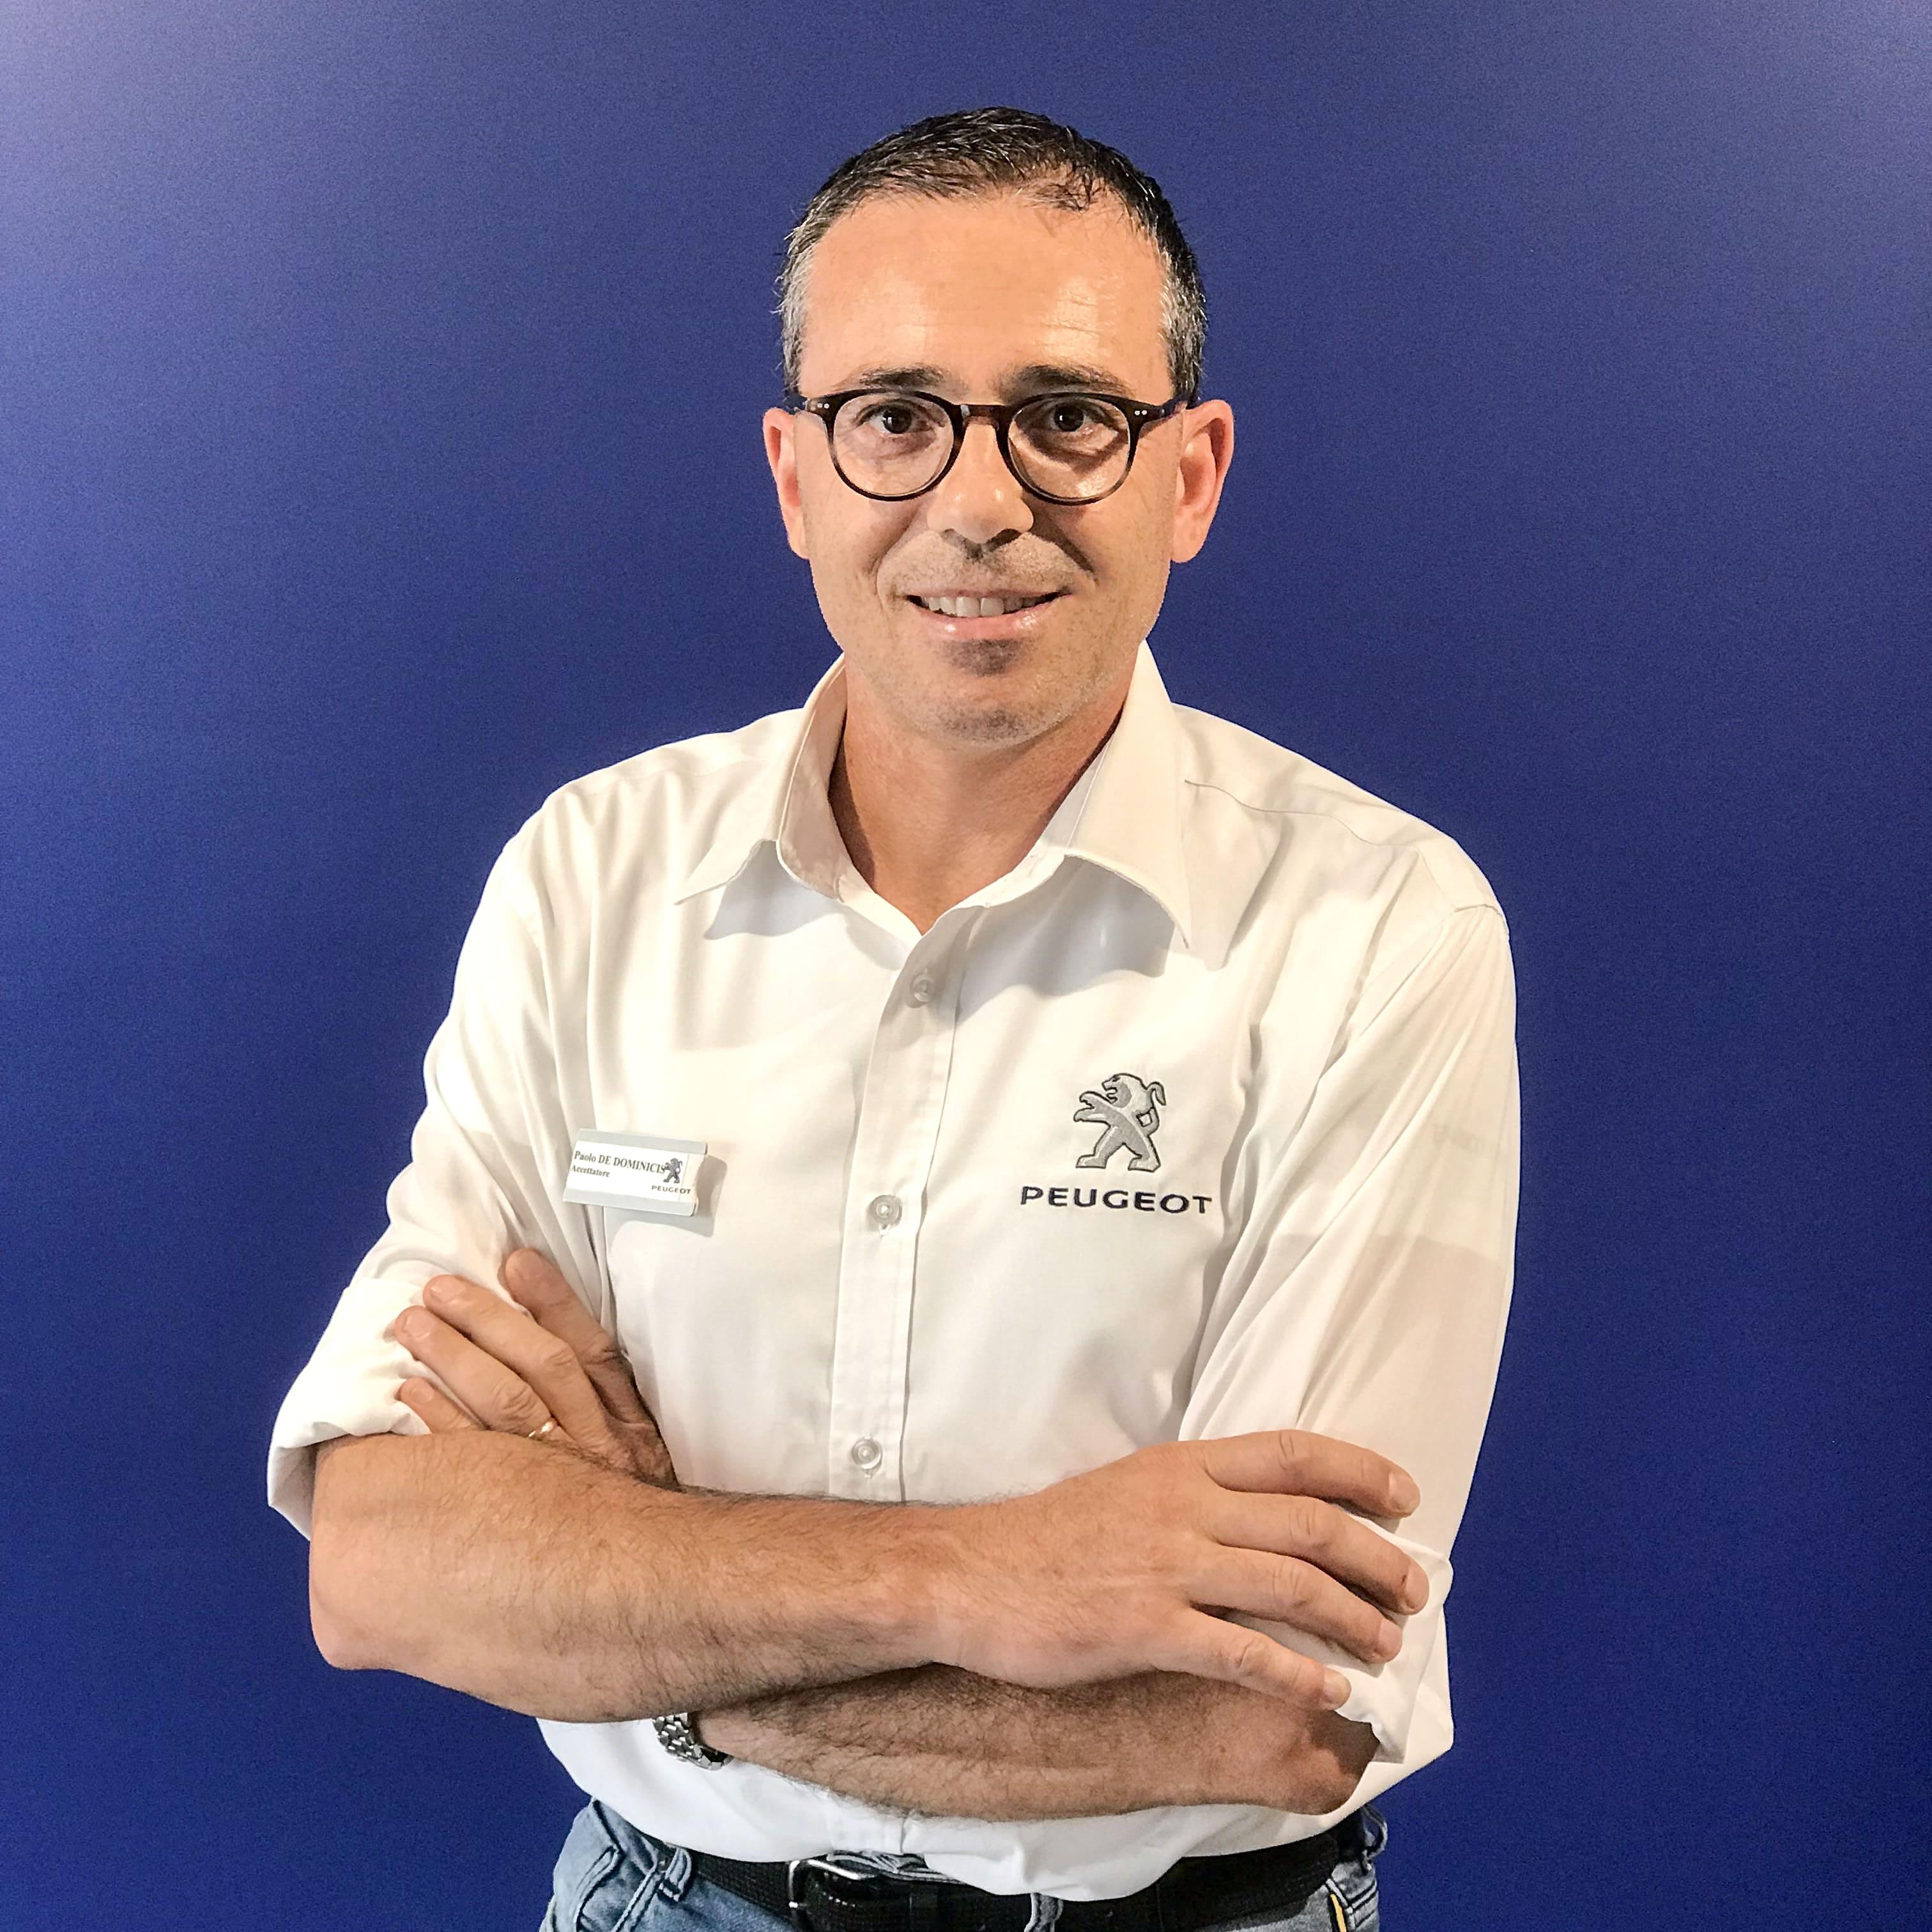 Paolo De Dominicis